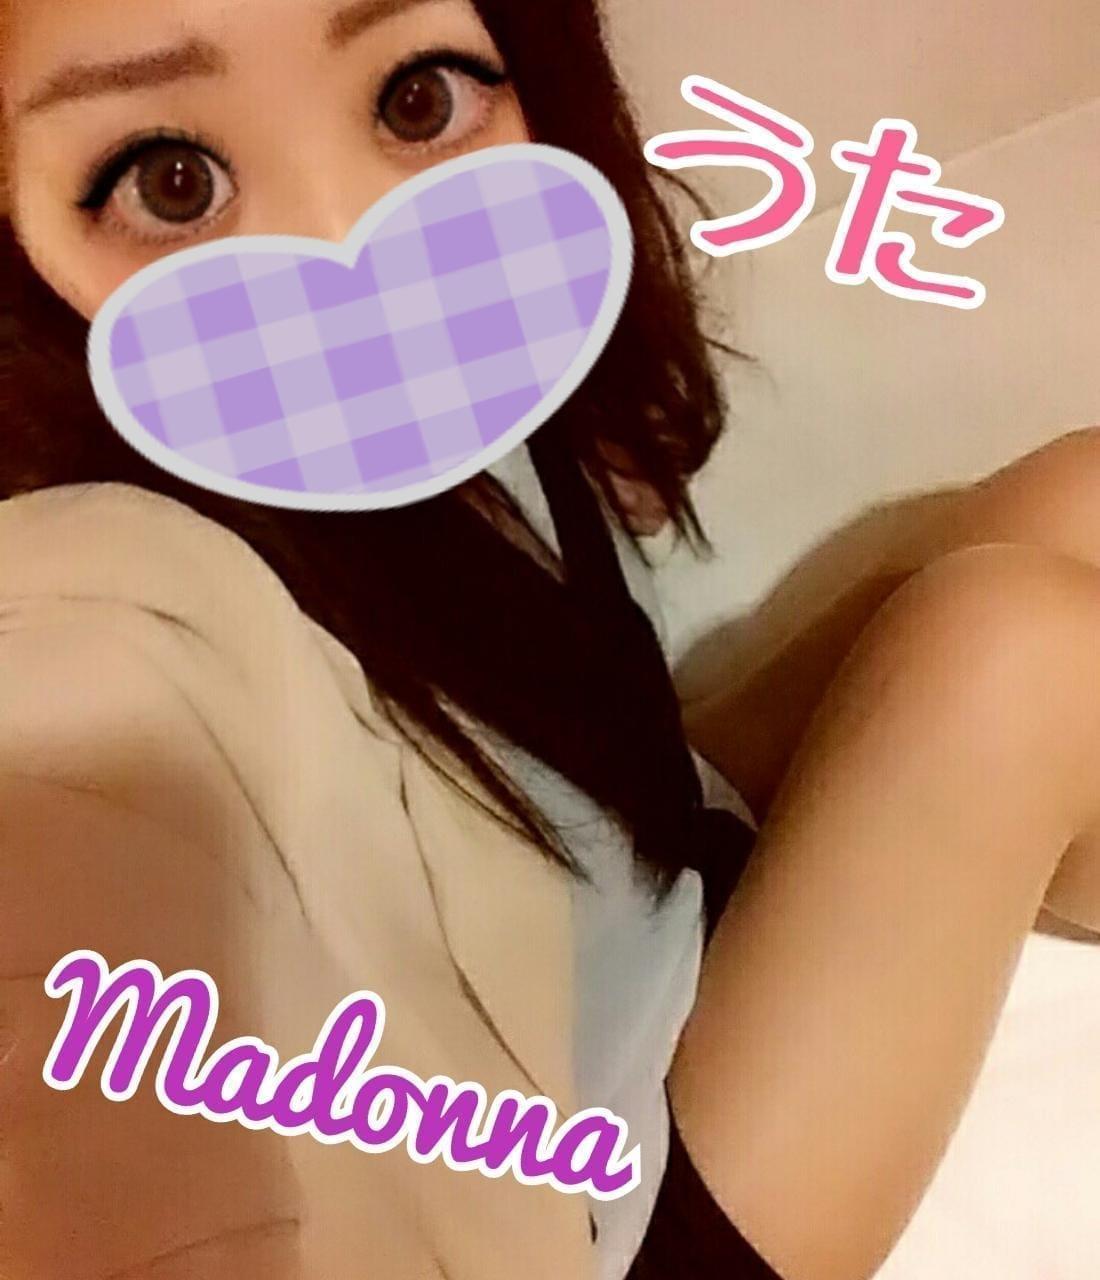 「[お題]from:6パックさん」10/17(水) 23:20   ウタの写メ・風俗動画